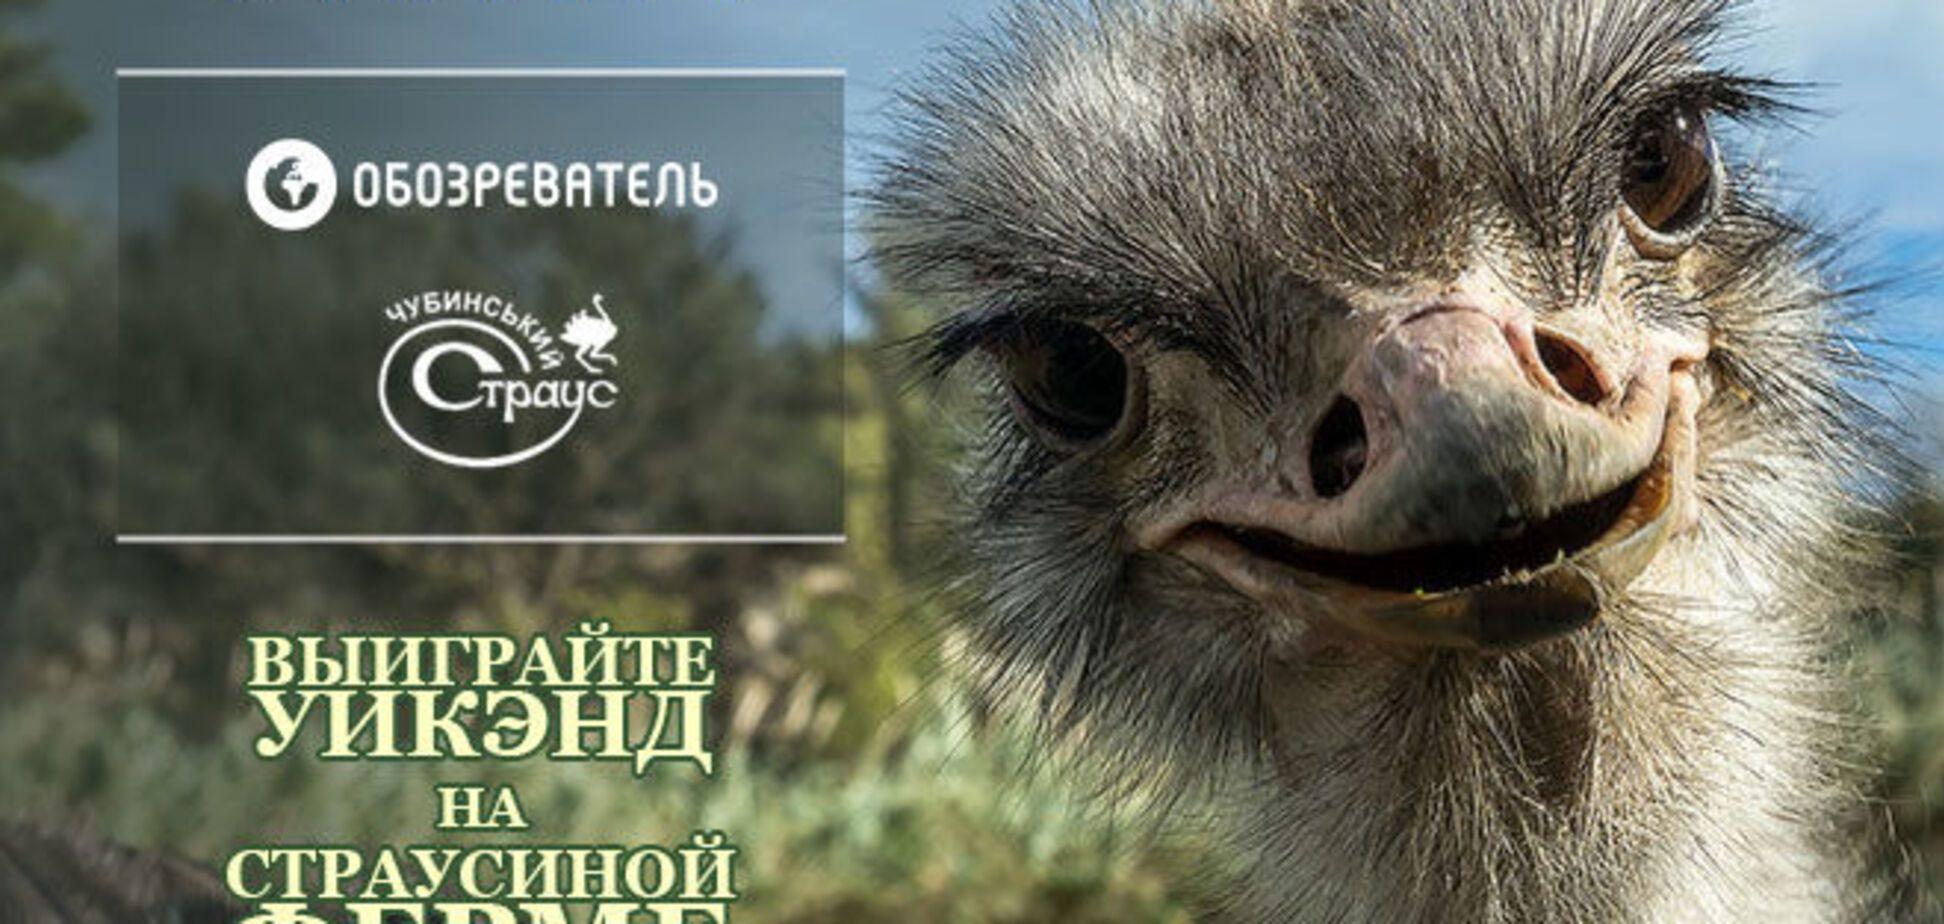 Выиграй поездку c детьми на страусиную ферму